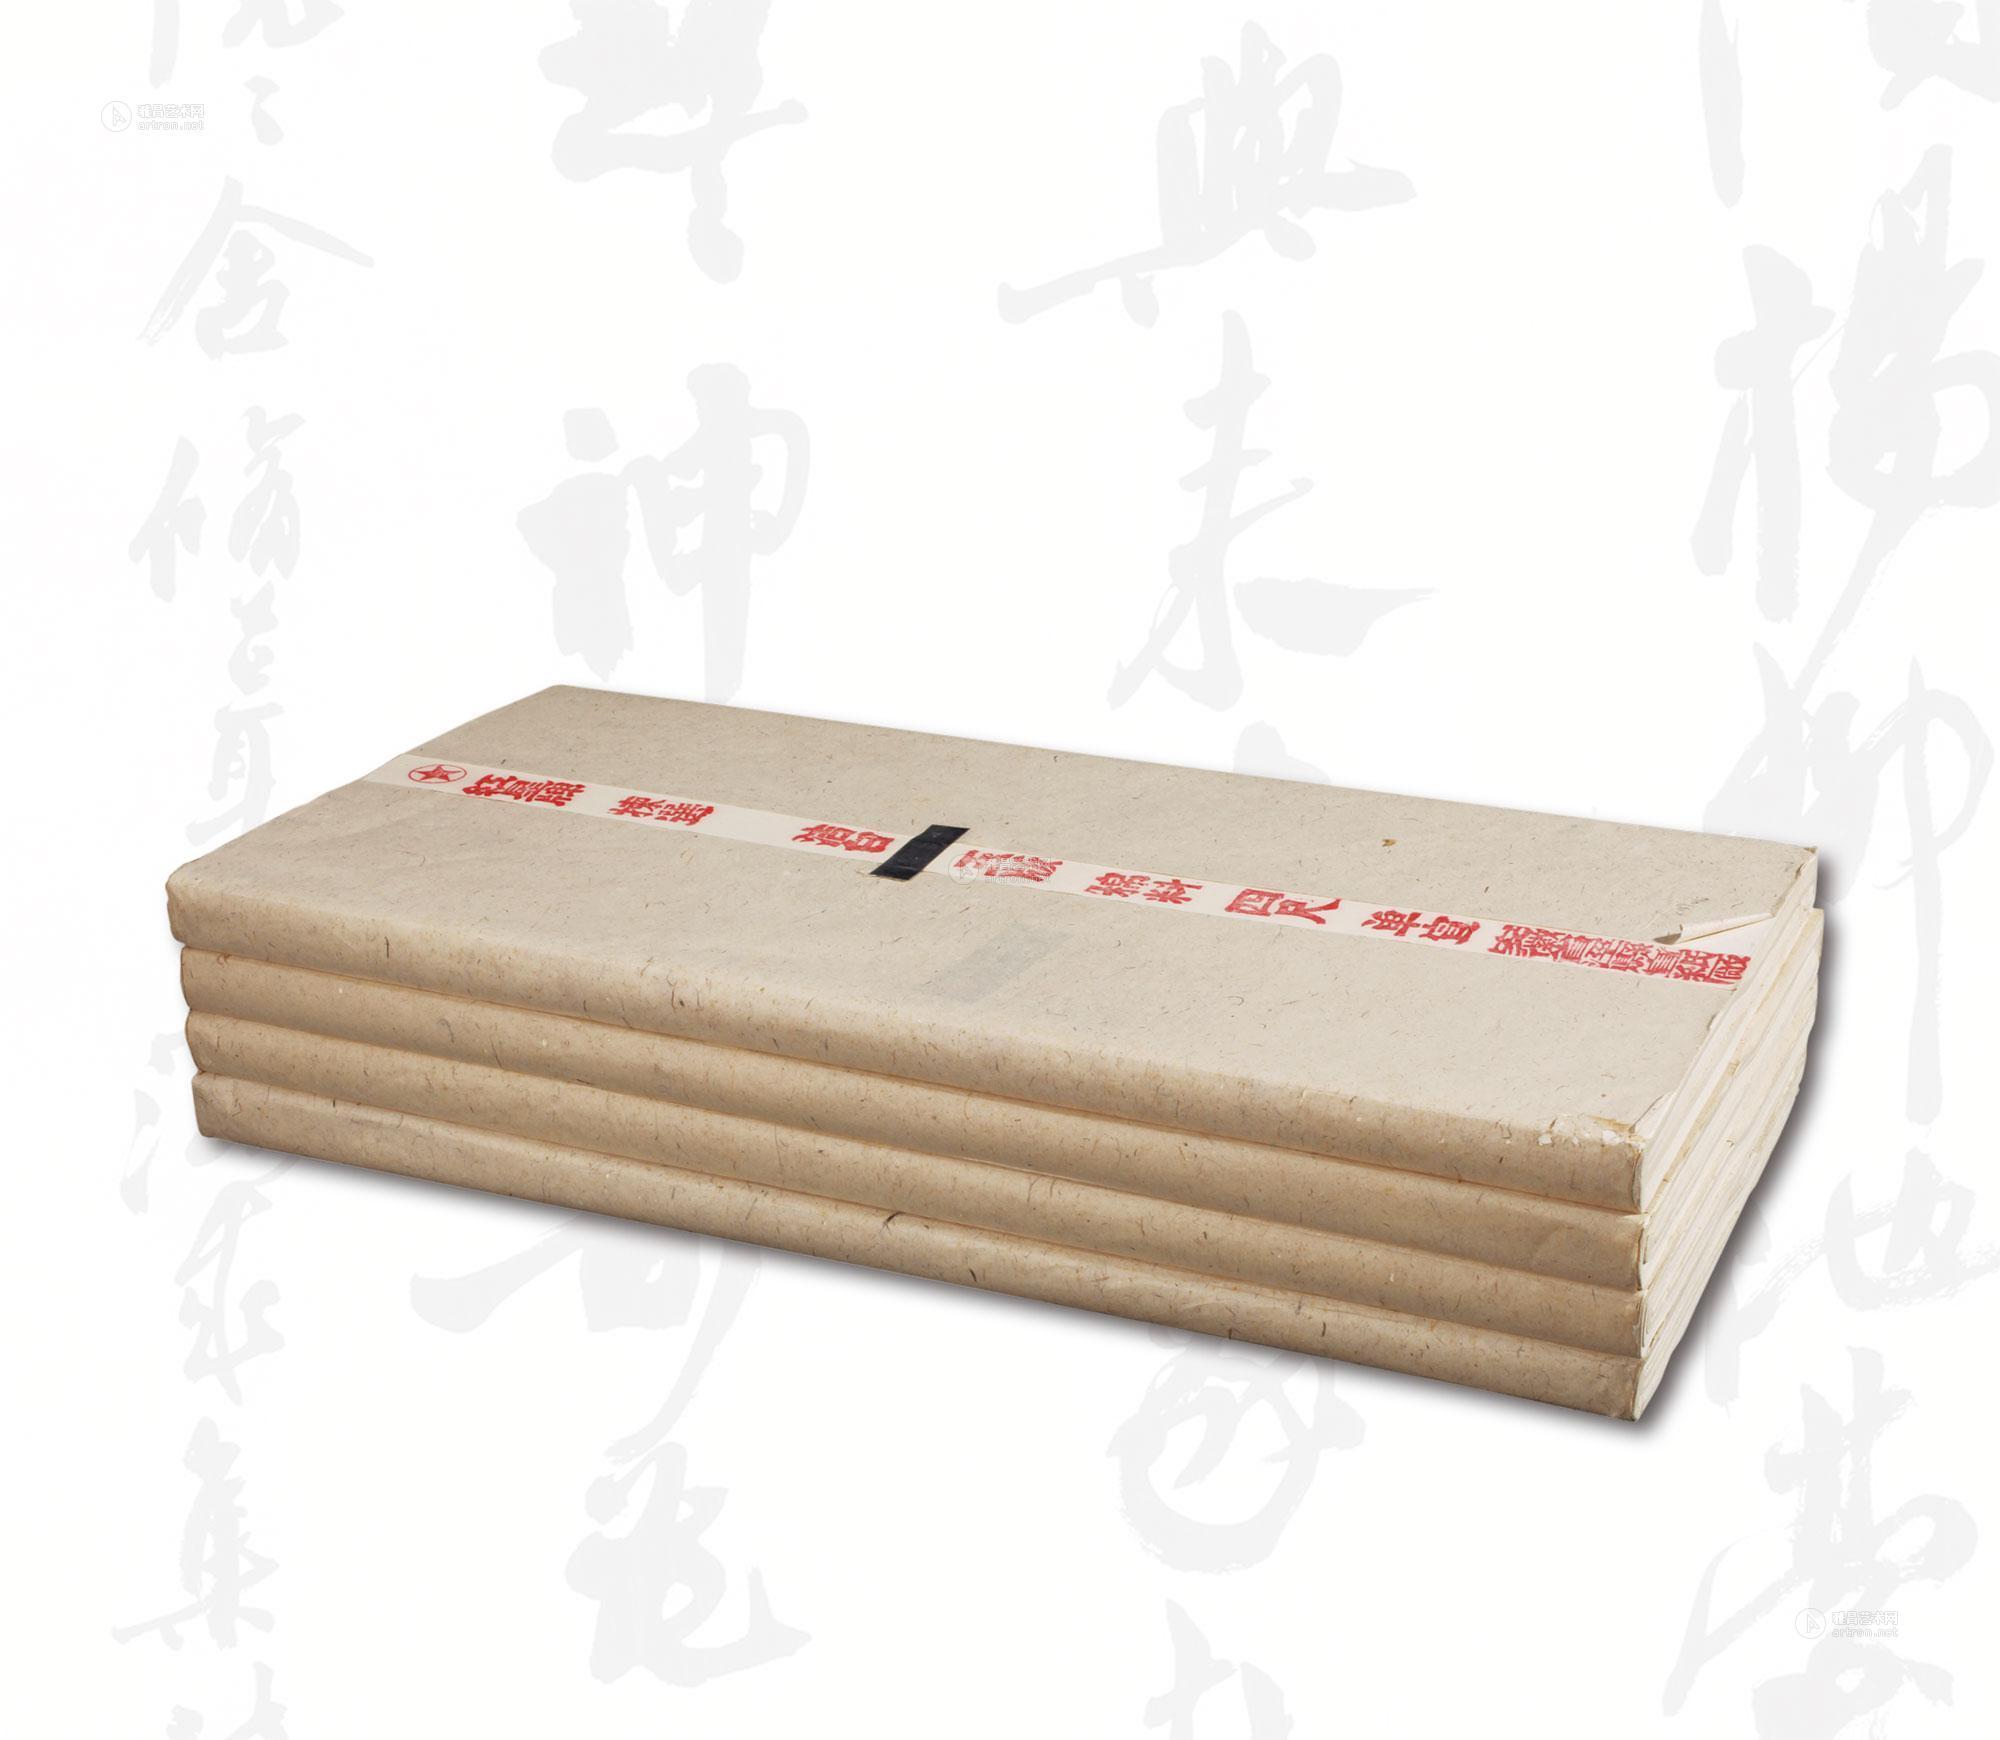 0193 1998年作 红星牌宣纸棉料四尺单宣图片